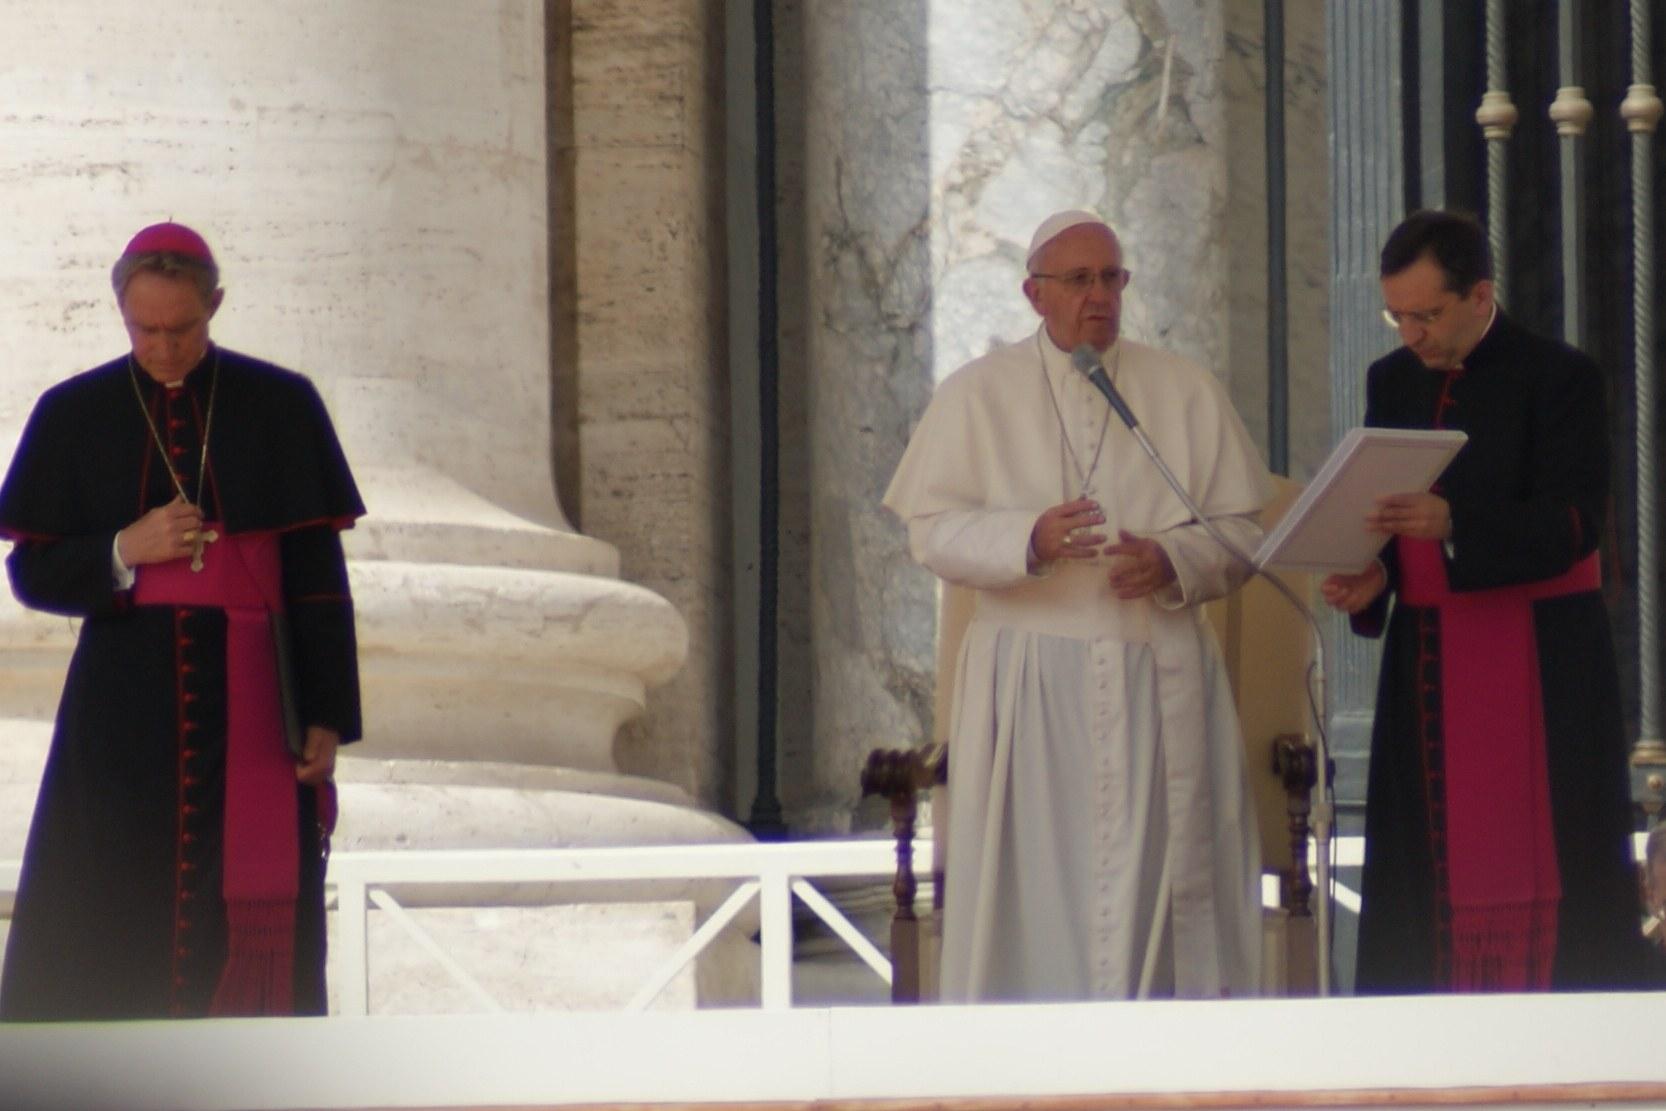 Images - Stald - Rome Printemps 2016 - 04:06 - 08